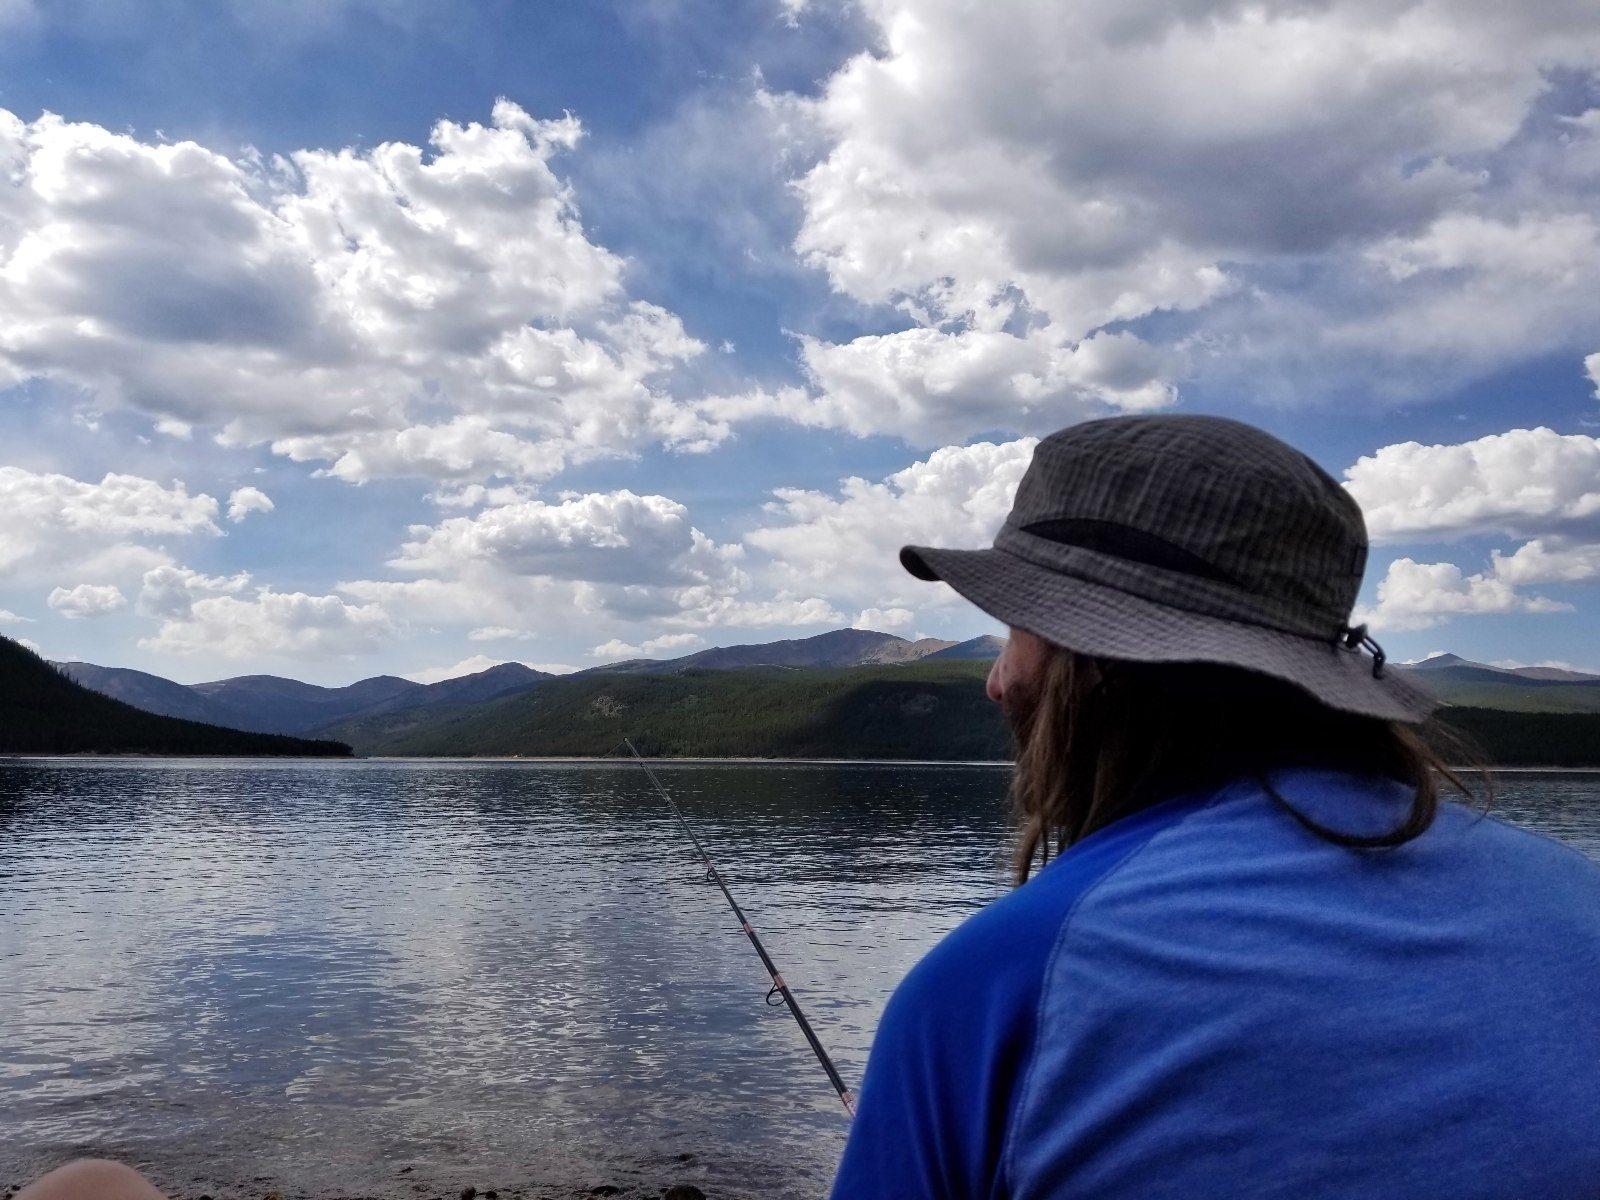 Fishing at Turquoise Lake CO